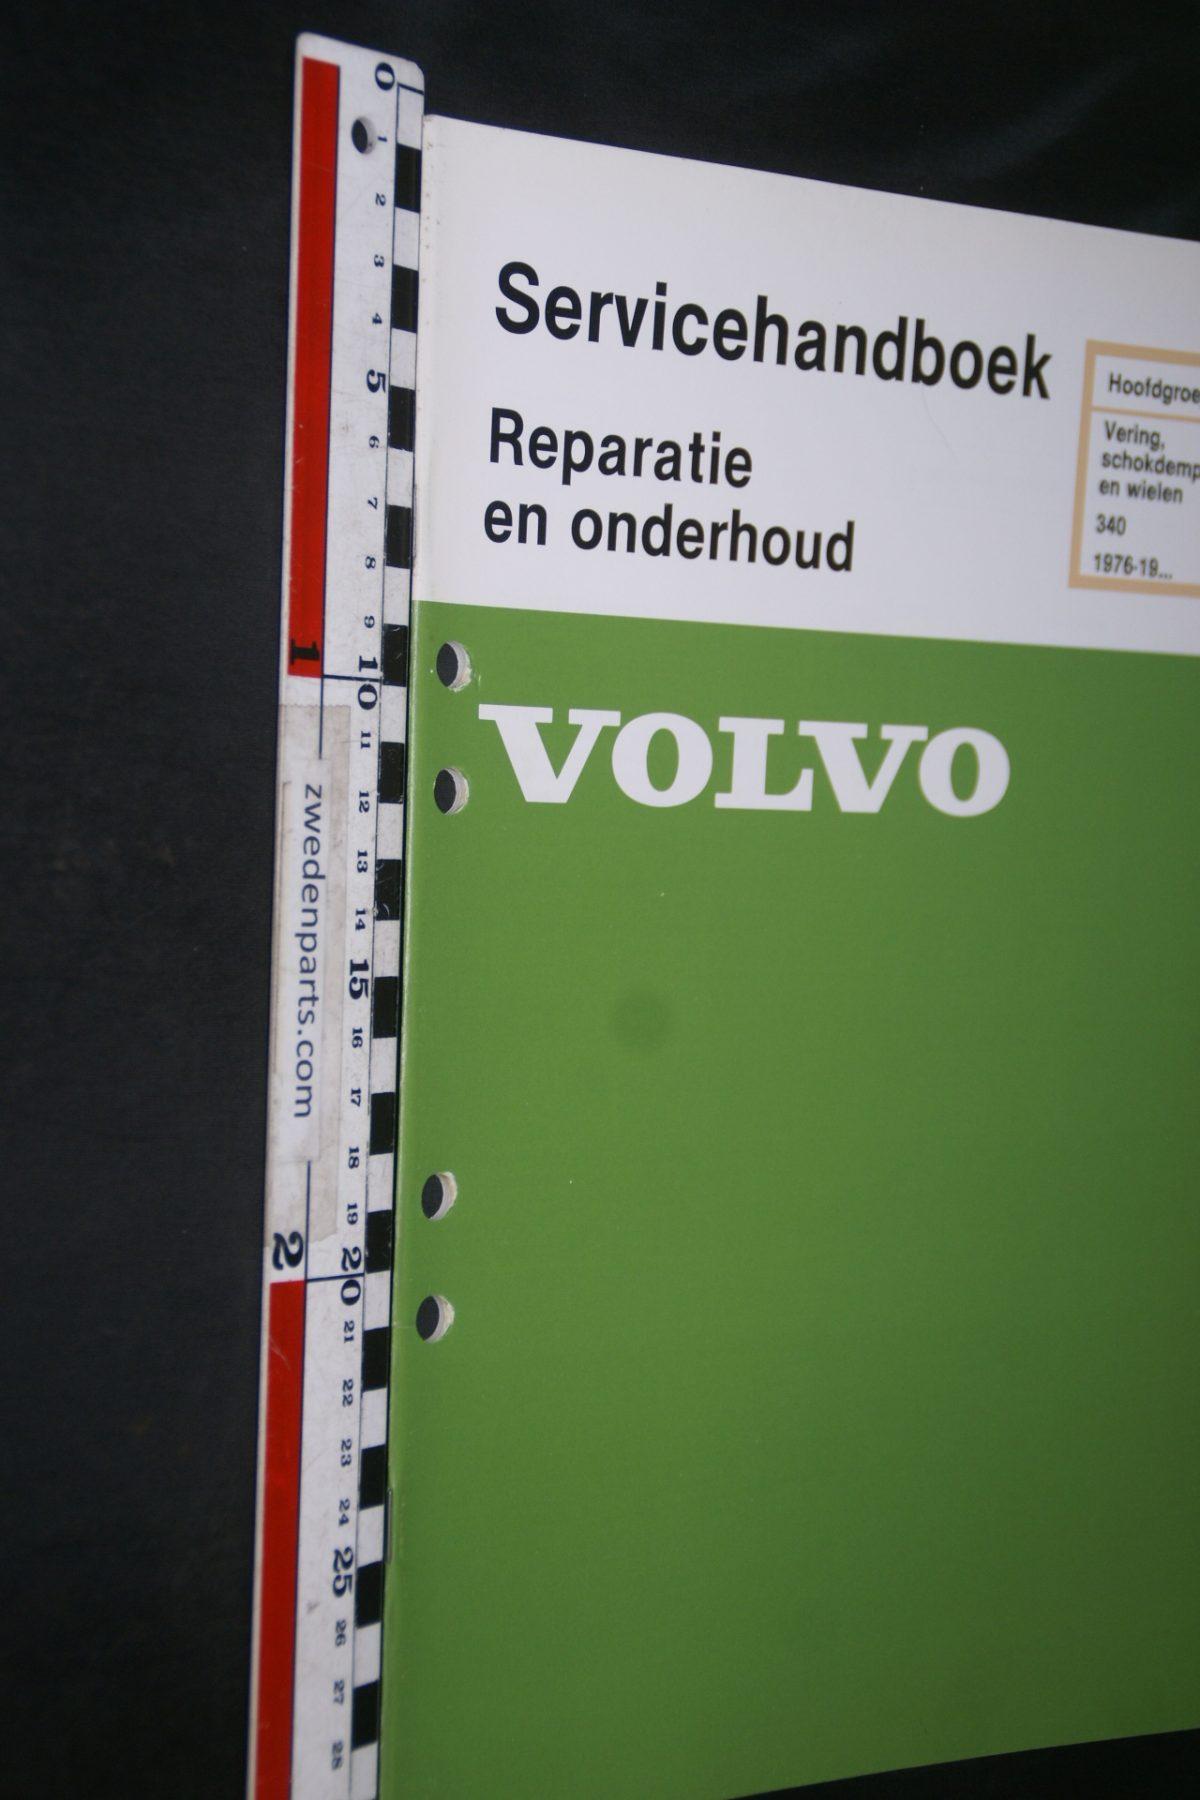 DSC06848 1981 origineel Volvo 343 servicehandboek  vering schokdempers en wielen 1 van 800 TP 35088-1